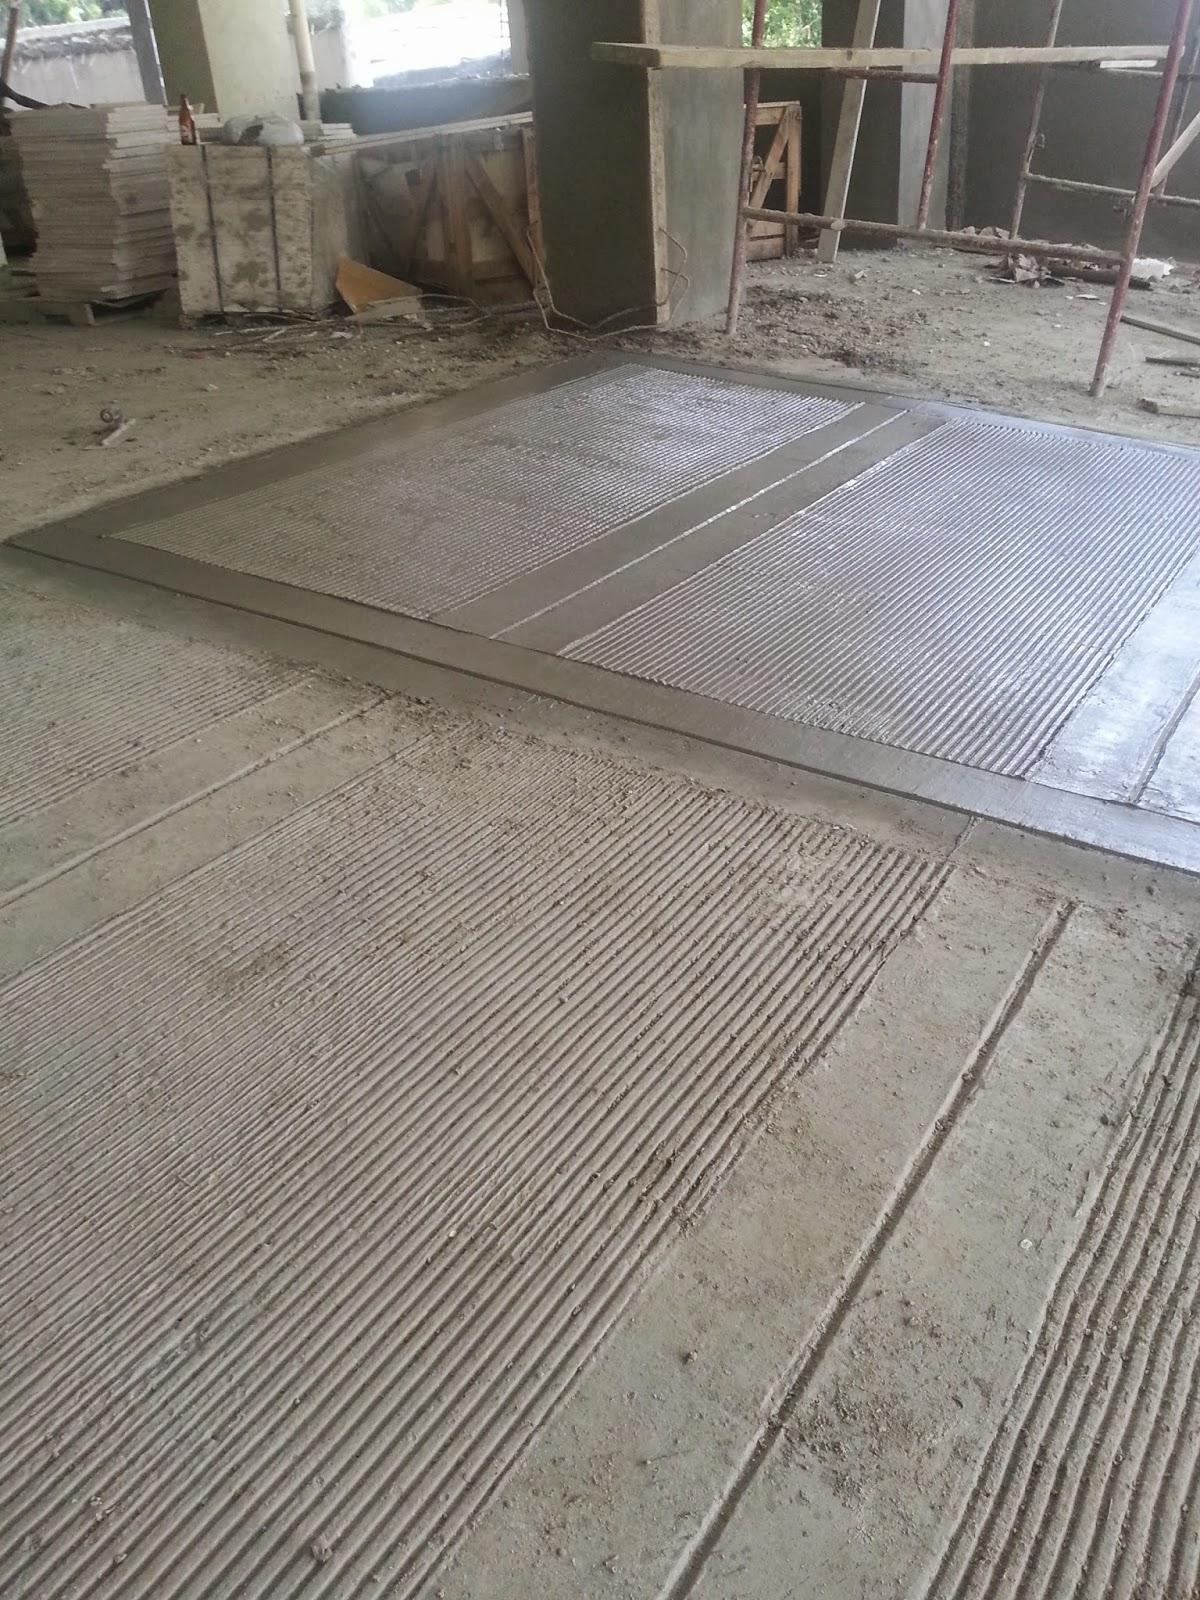 Quarq pisos de concreto en rallado profundo tendencias for Pisos para escaleras de concreto